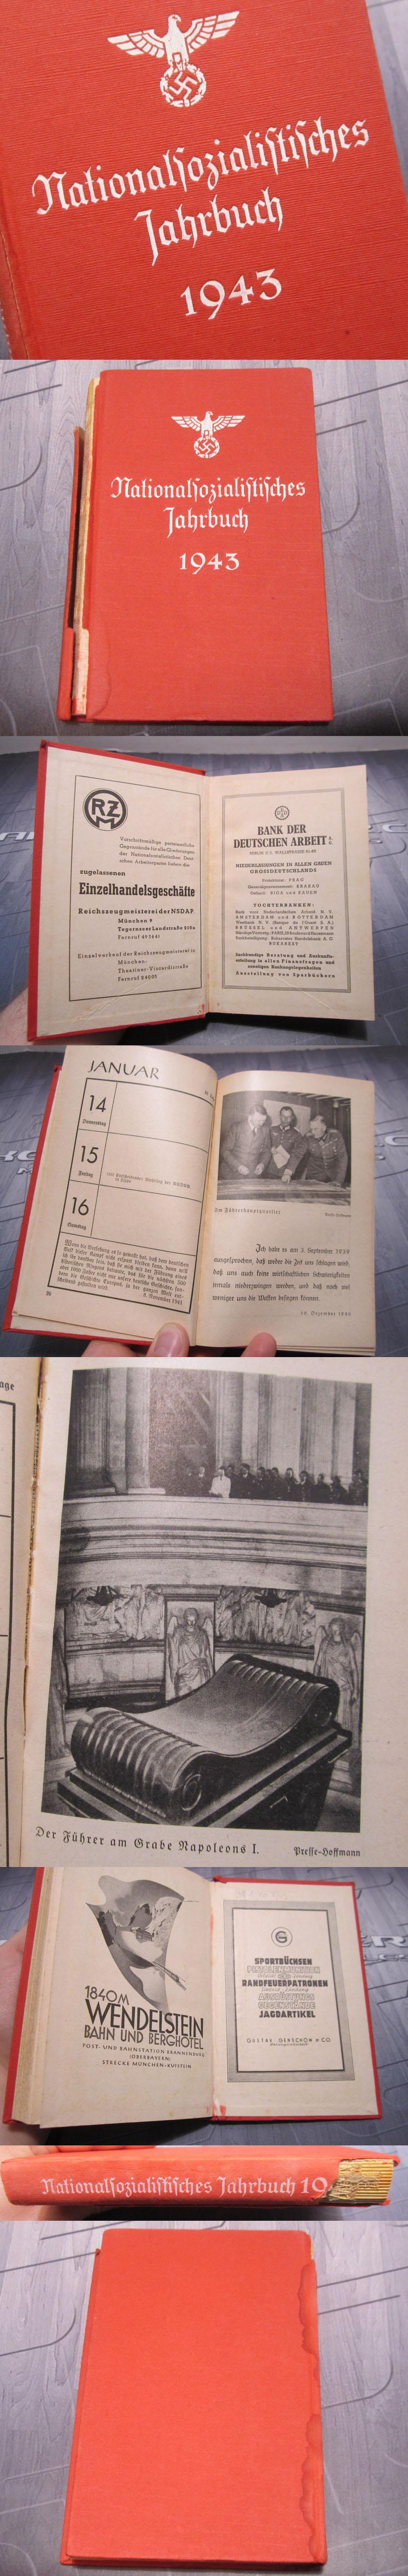 NSDAP Members Yearbook 1943